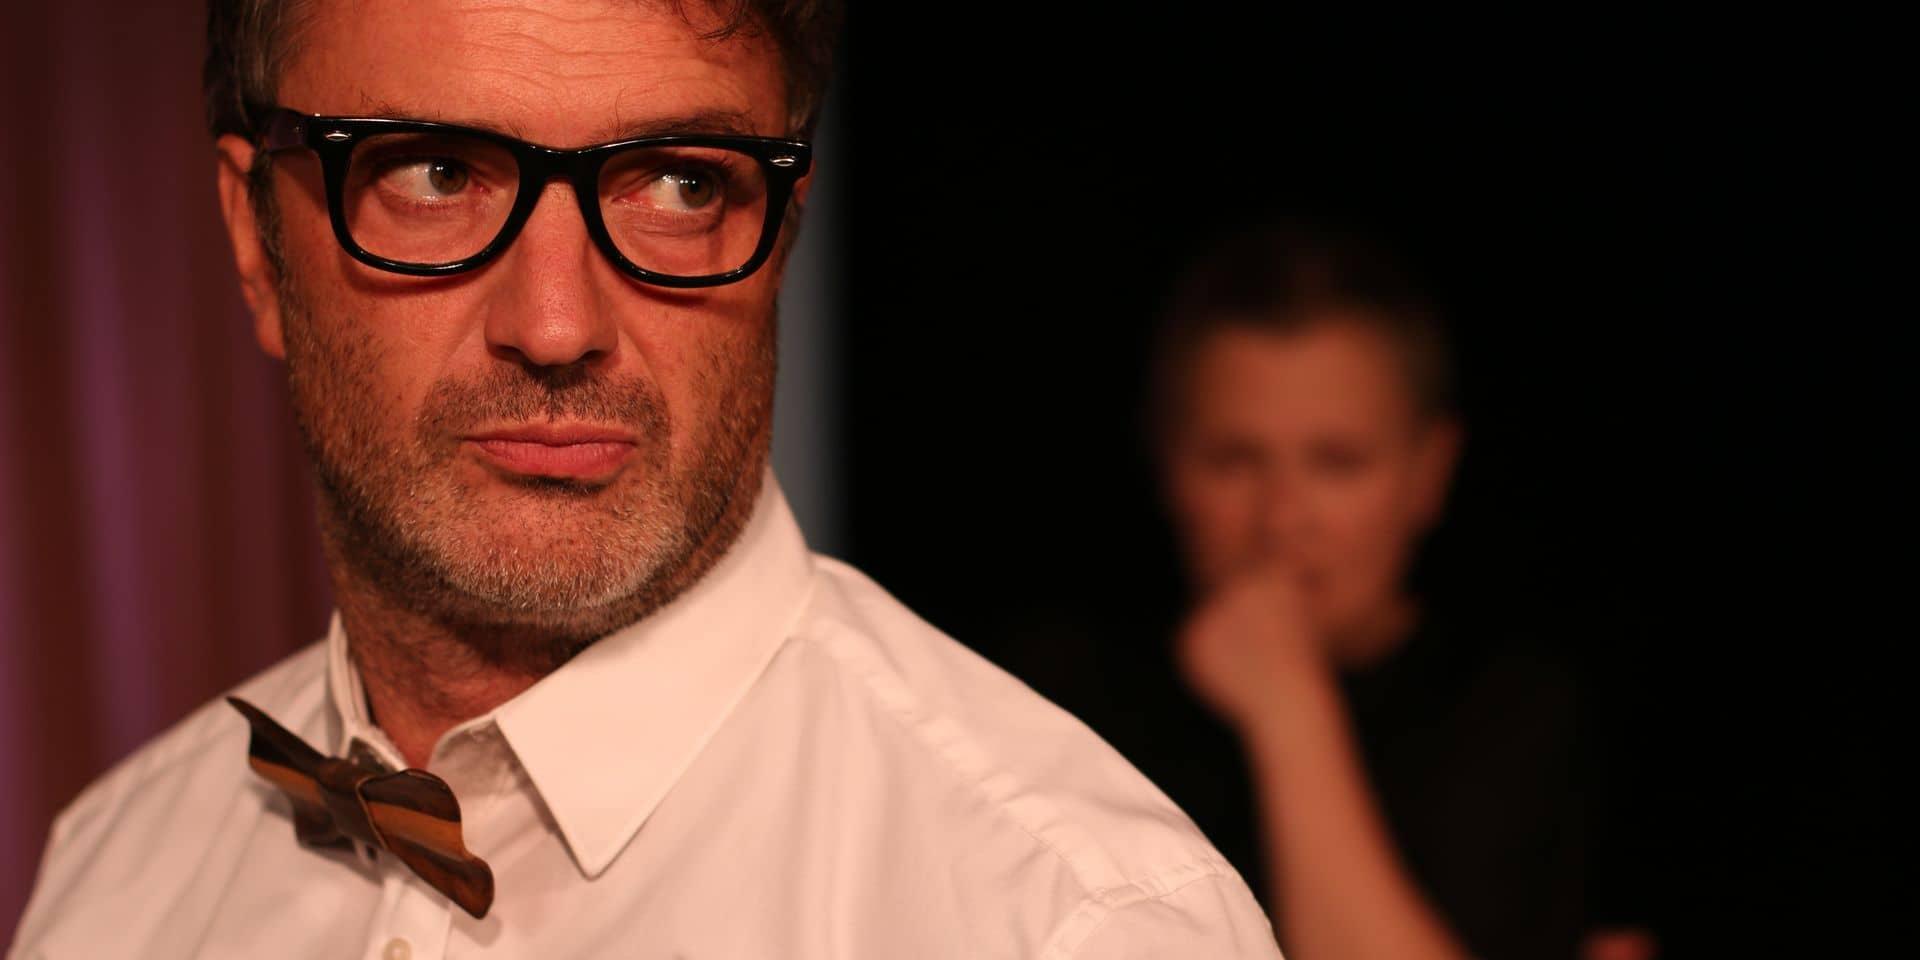 """Le cri d'urgence d'un comédien en colère: """"Cela commence tous à nous dégoûter profondément"""""""